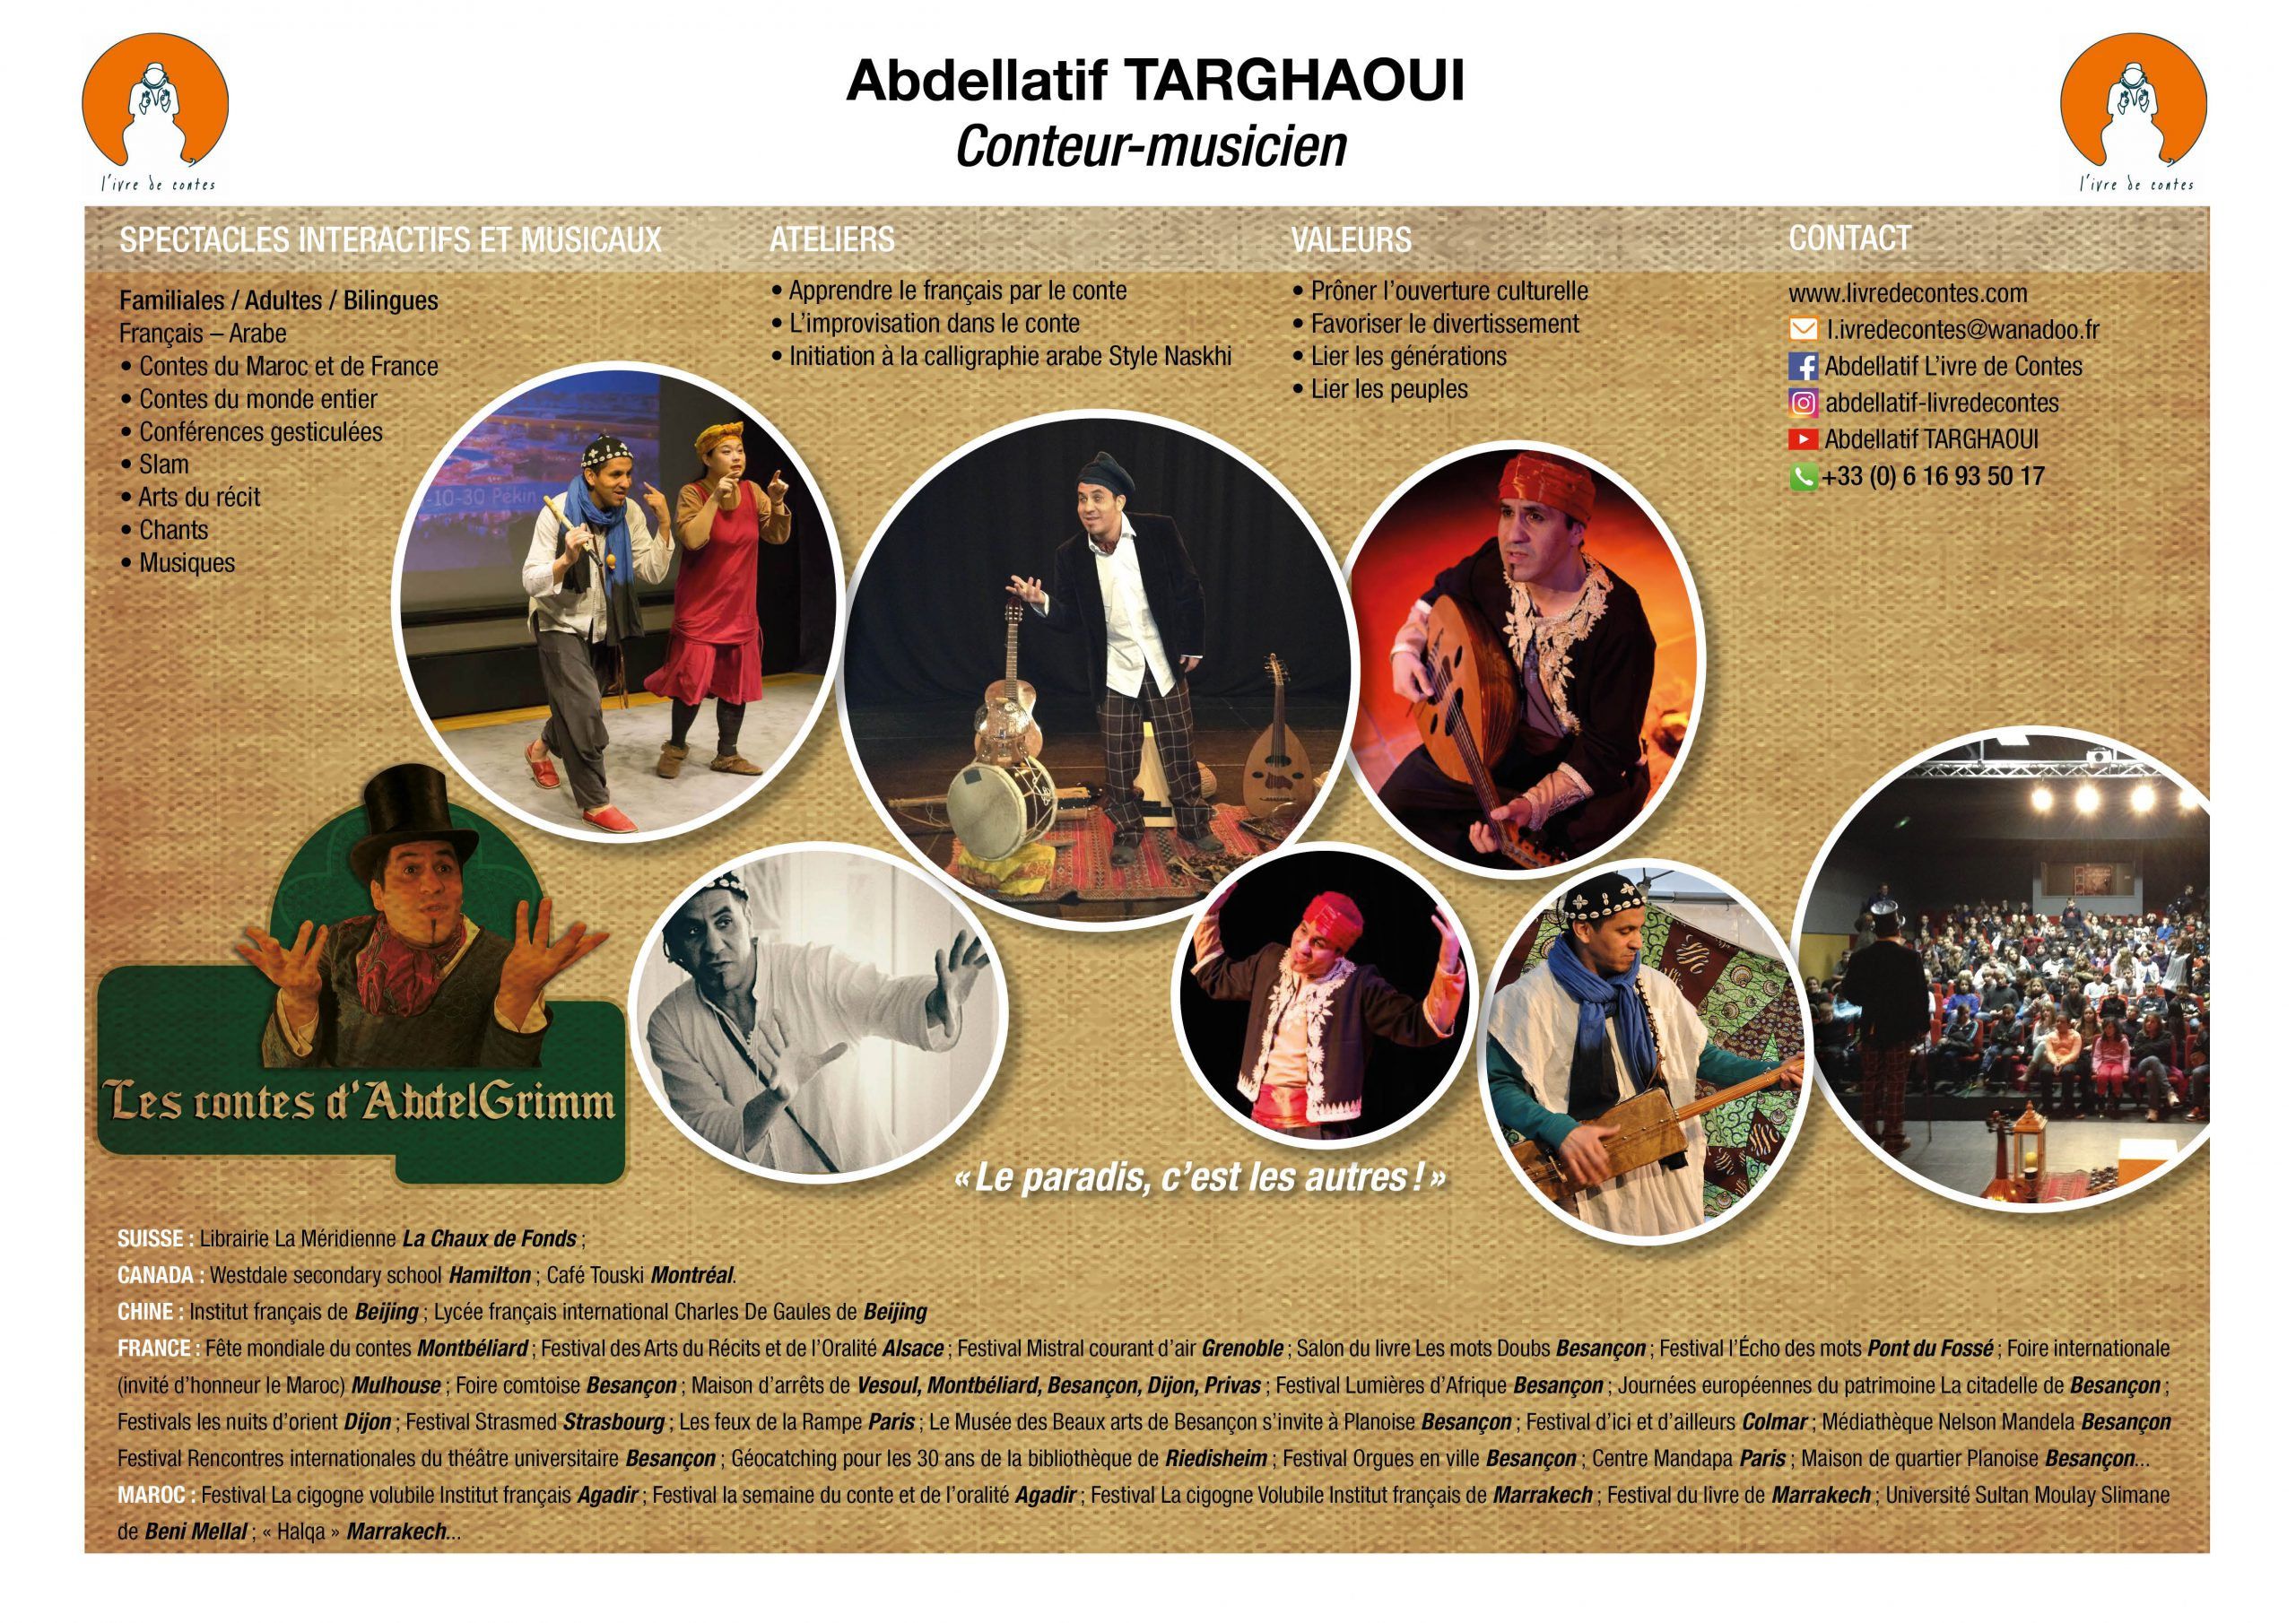 Tchookar :: Abdellatif Targhaoui pour Ivre Mots Fleches